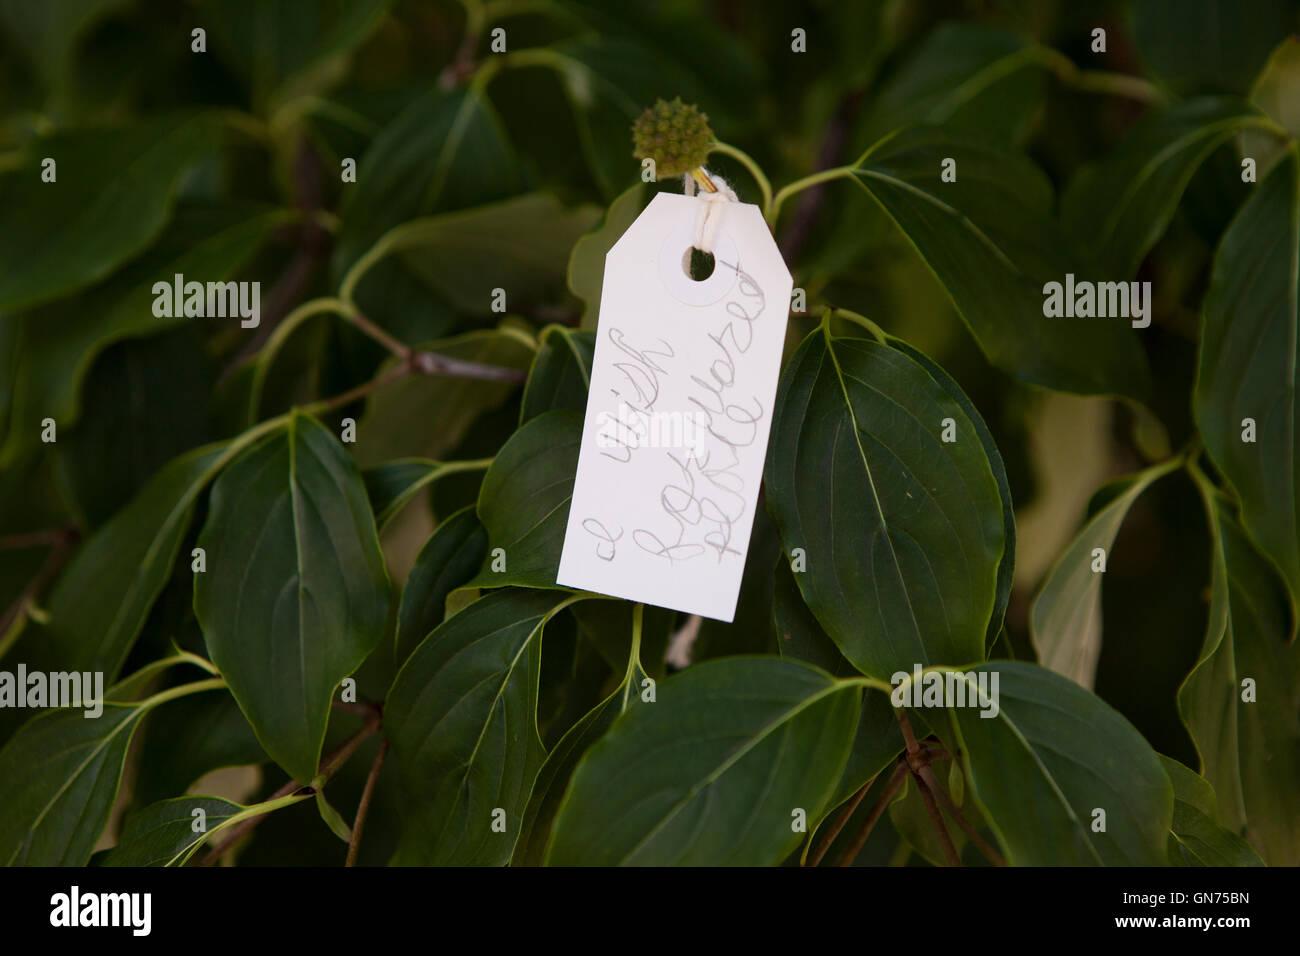 Tag avec message sur Yoko Ono arbre des désirs - USA Banque D'Images